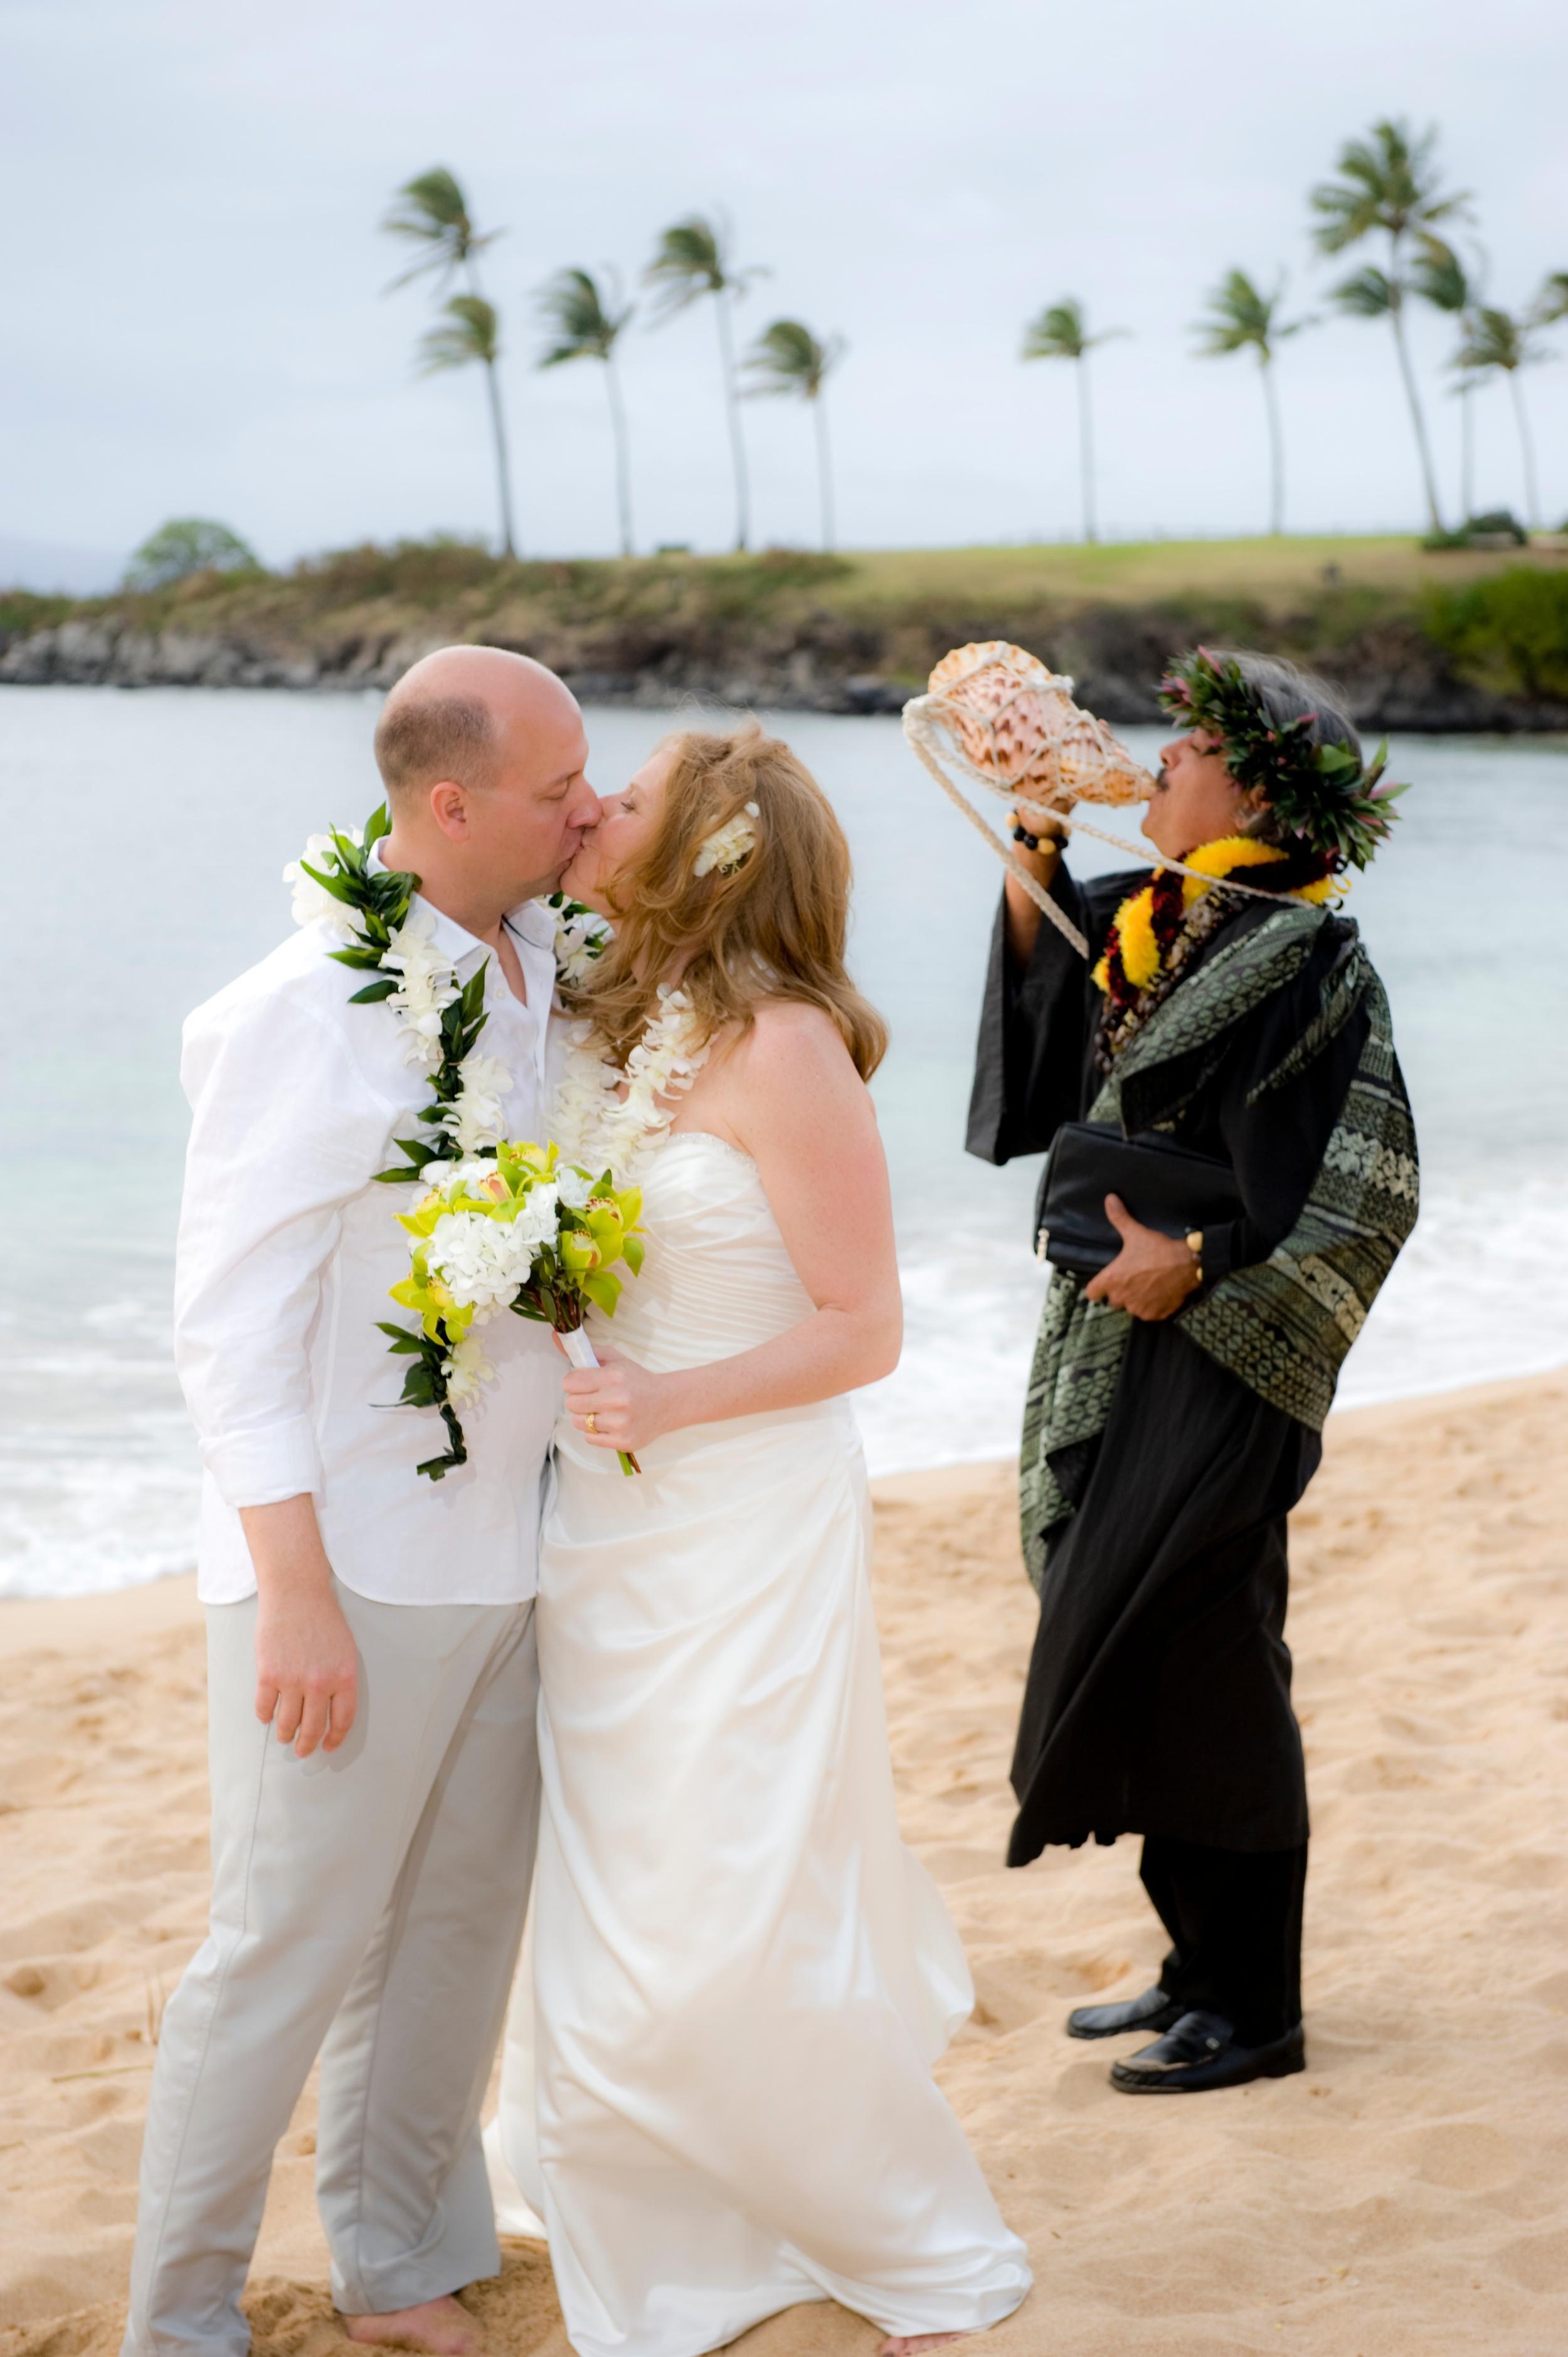 Wedding++31704-1852471048-O.jpg